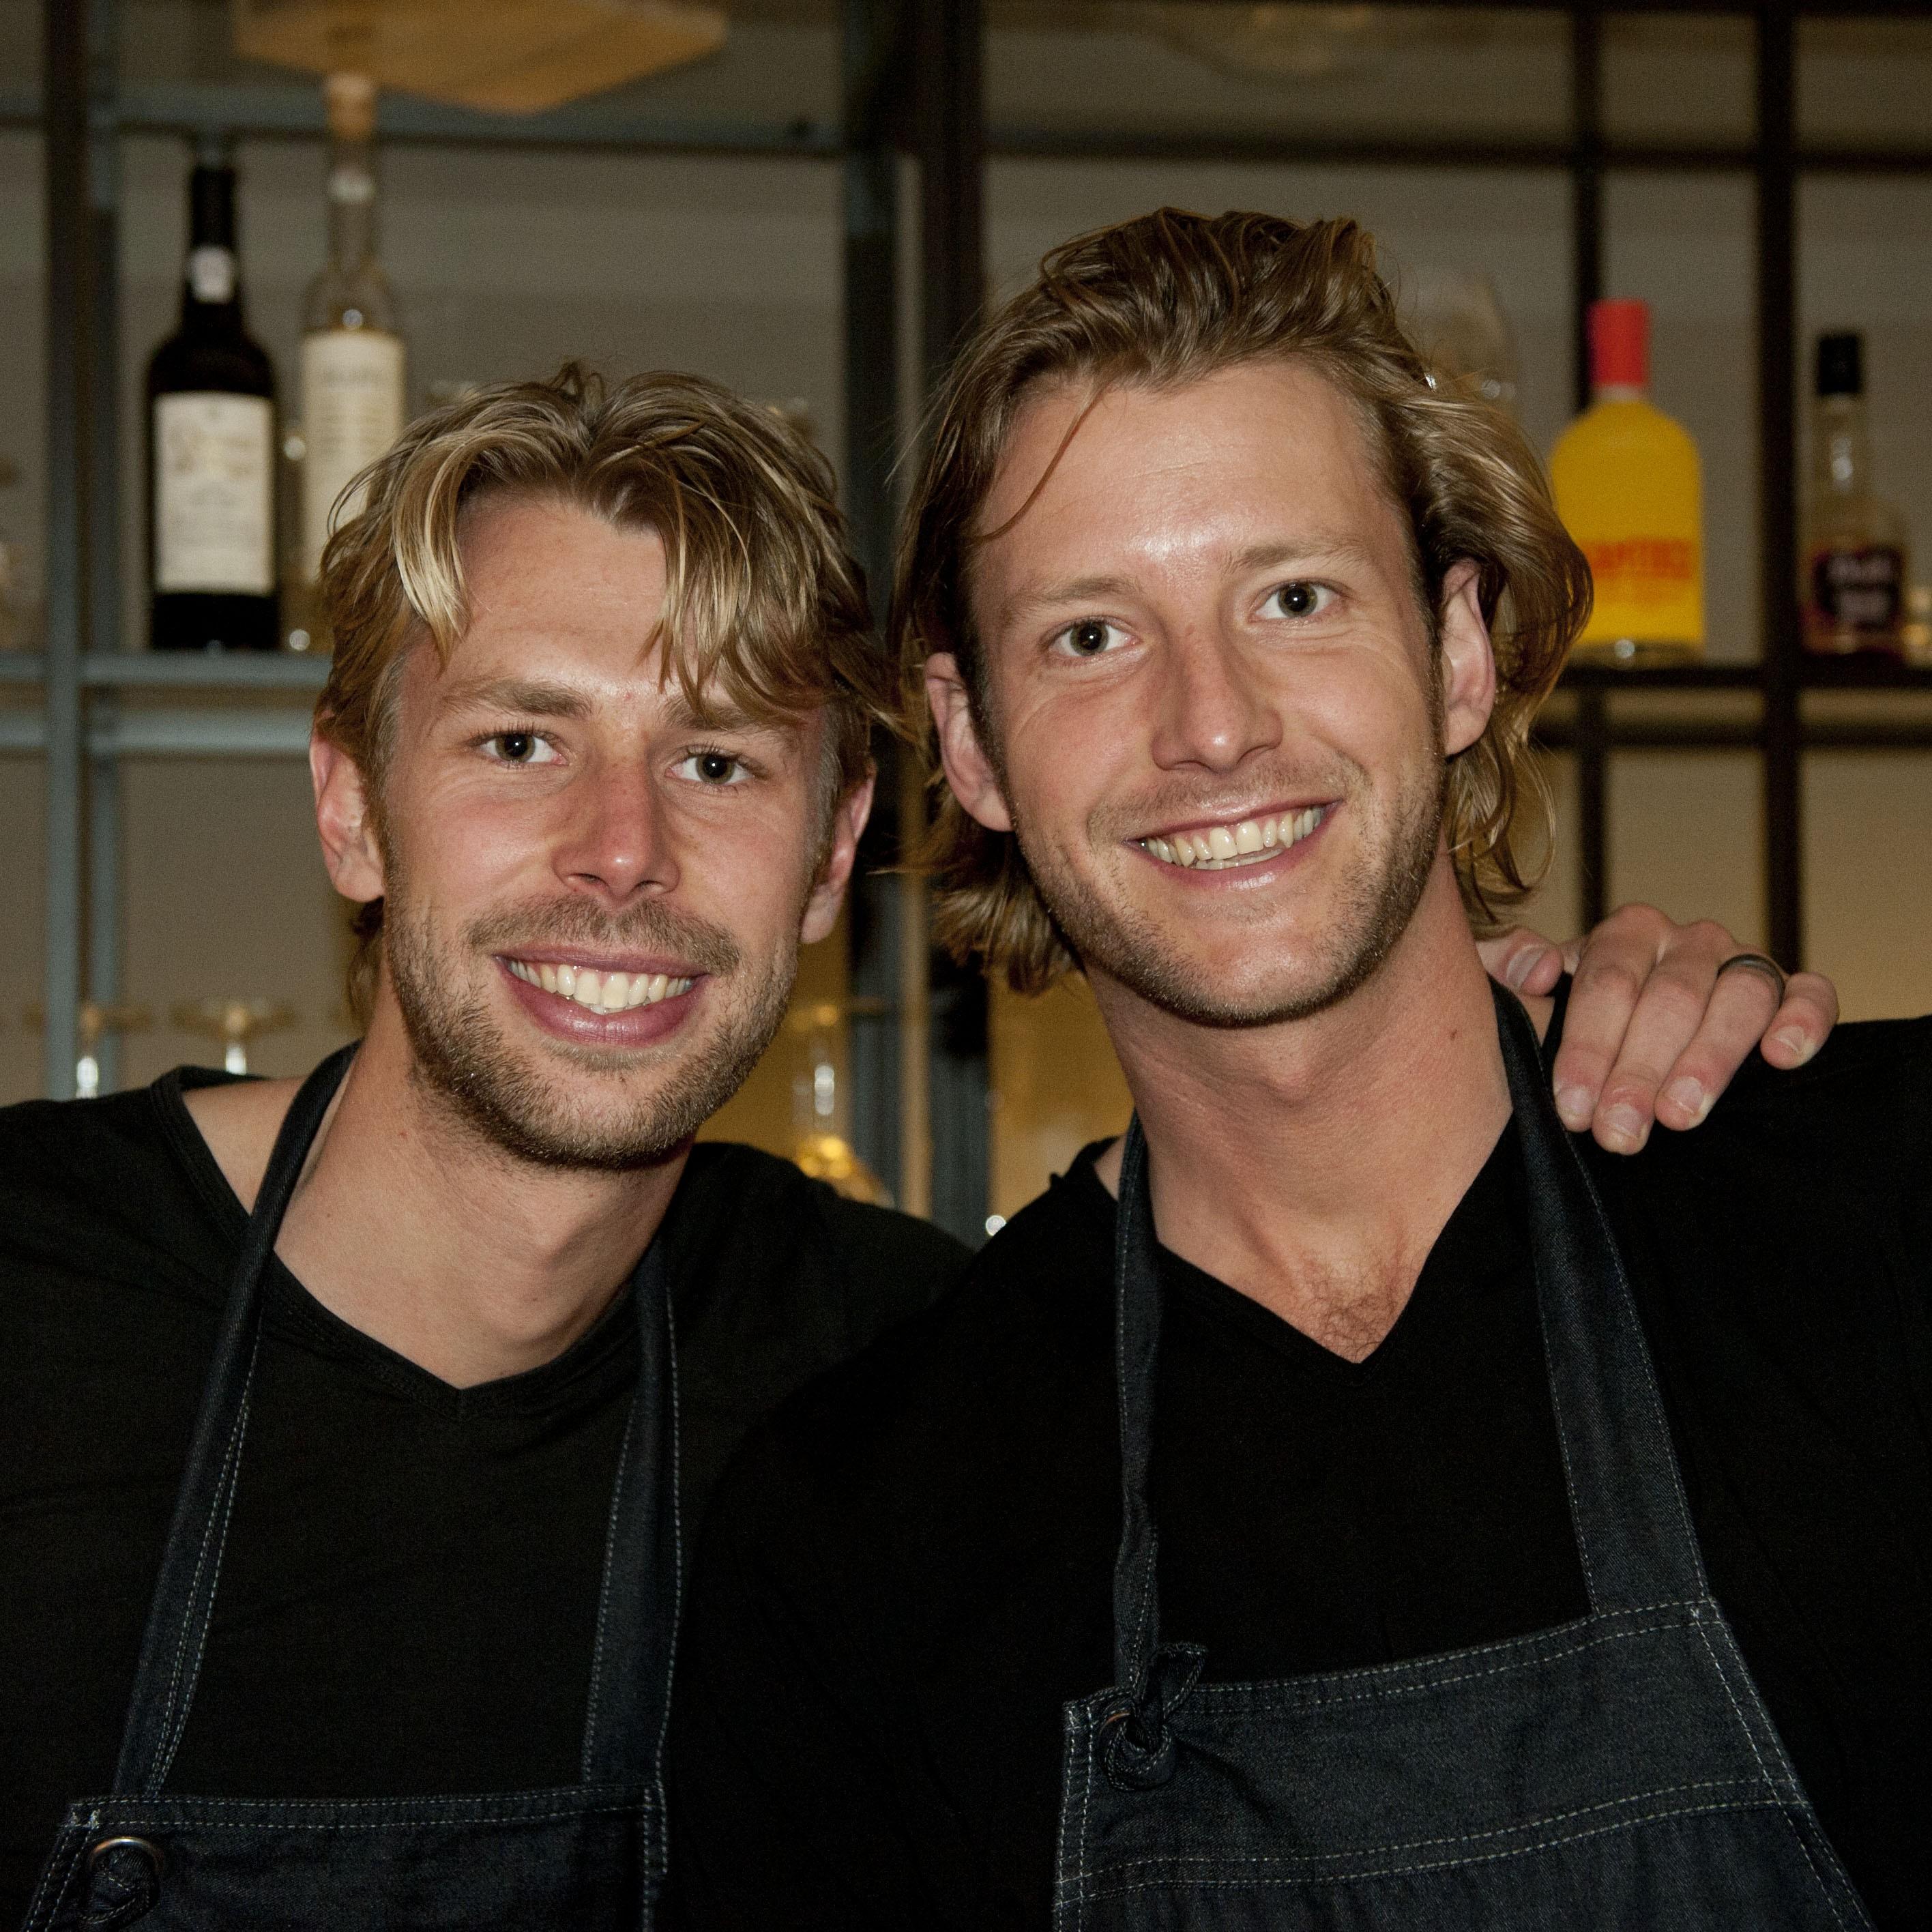 Marcel & Erwin